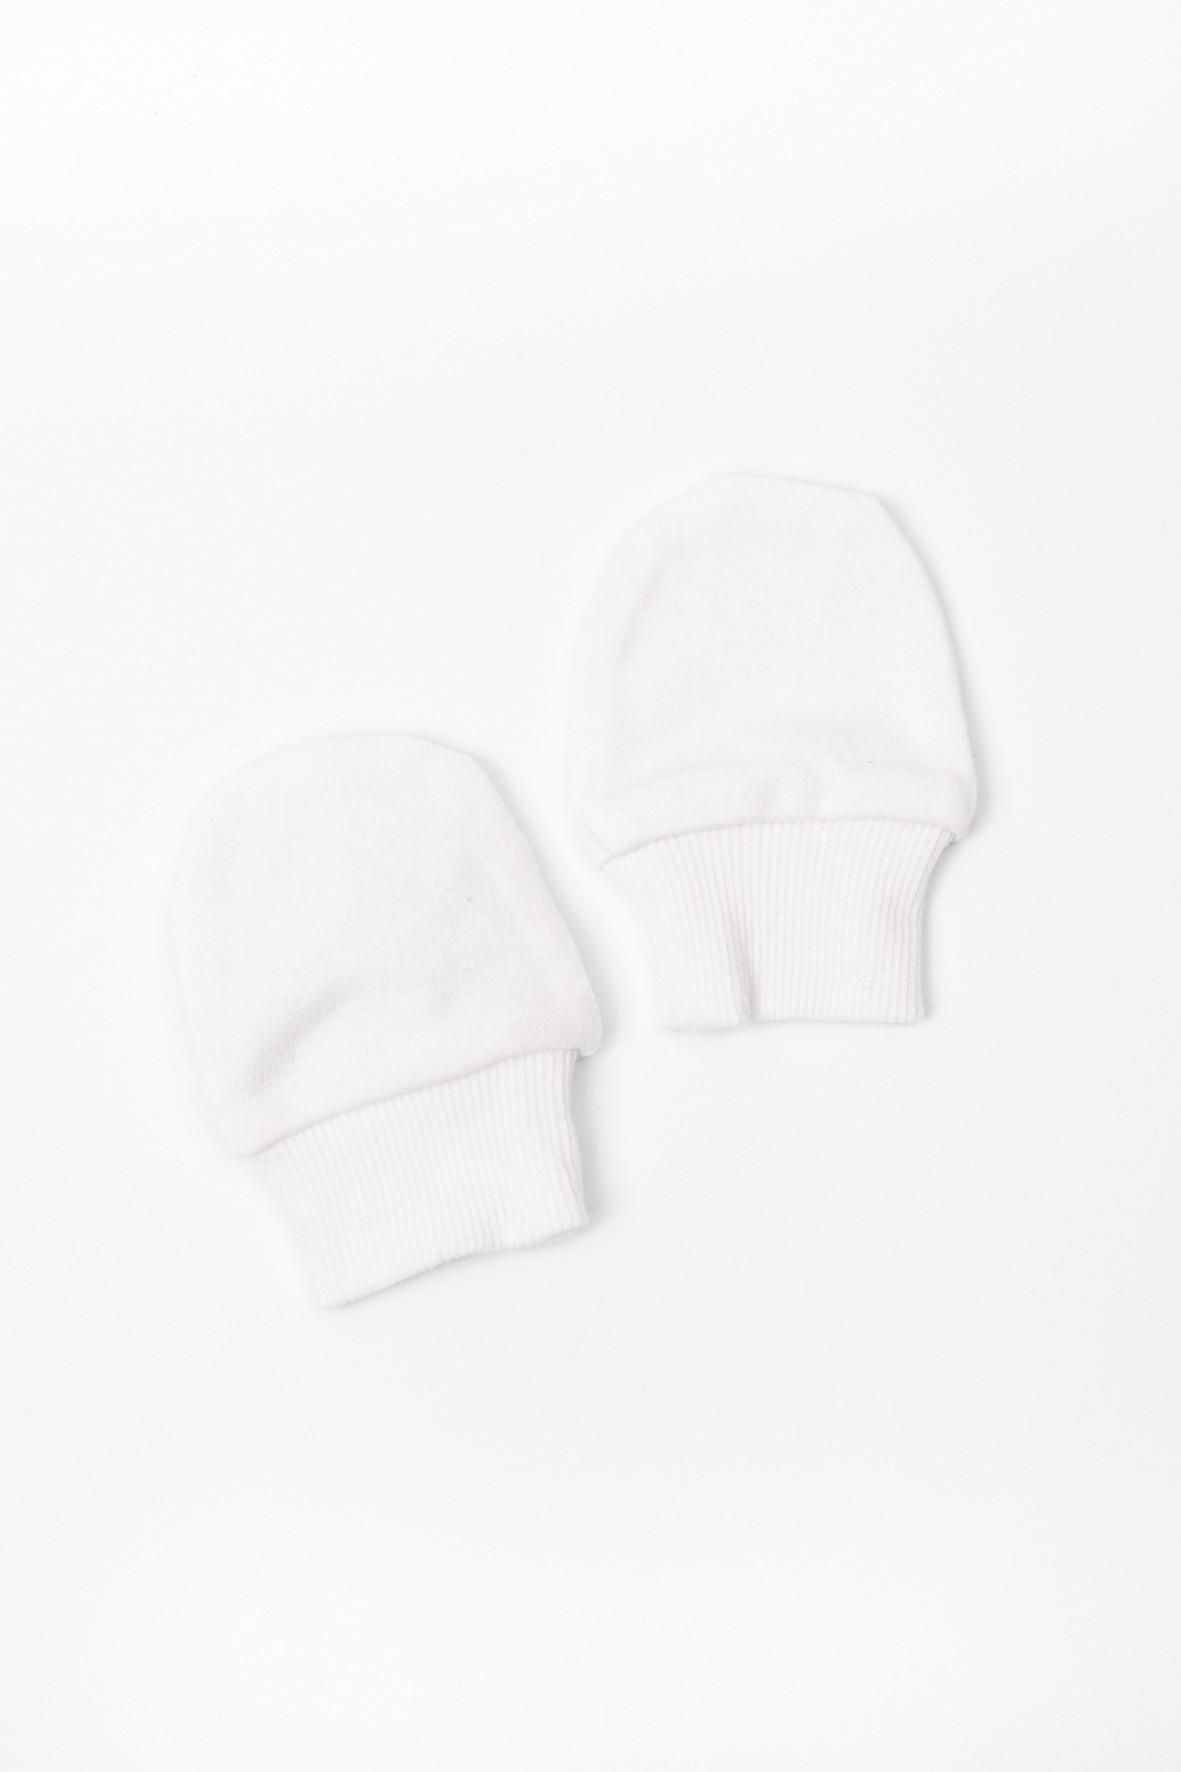 Niedrapki białe- wyprawka dla noworodka